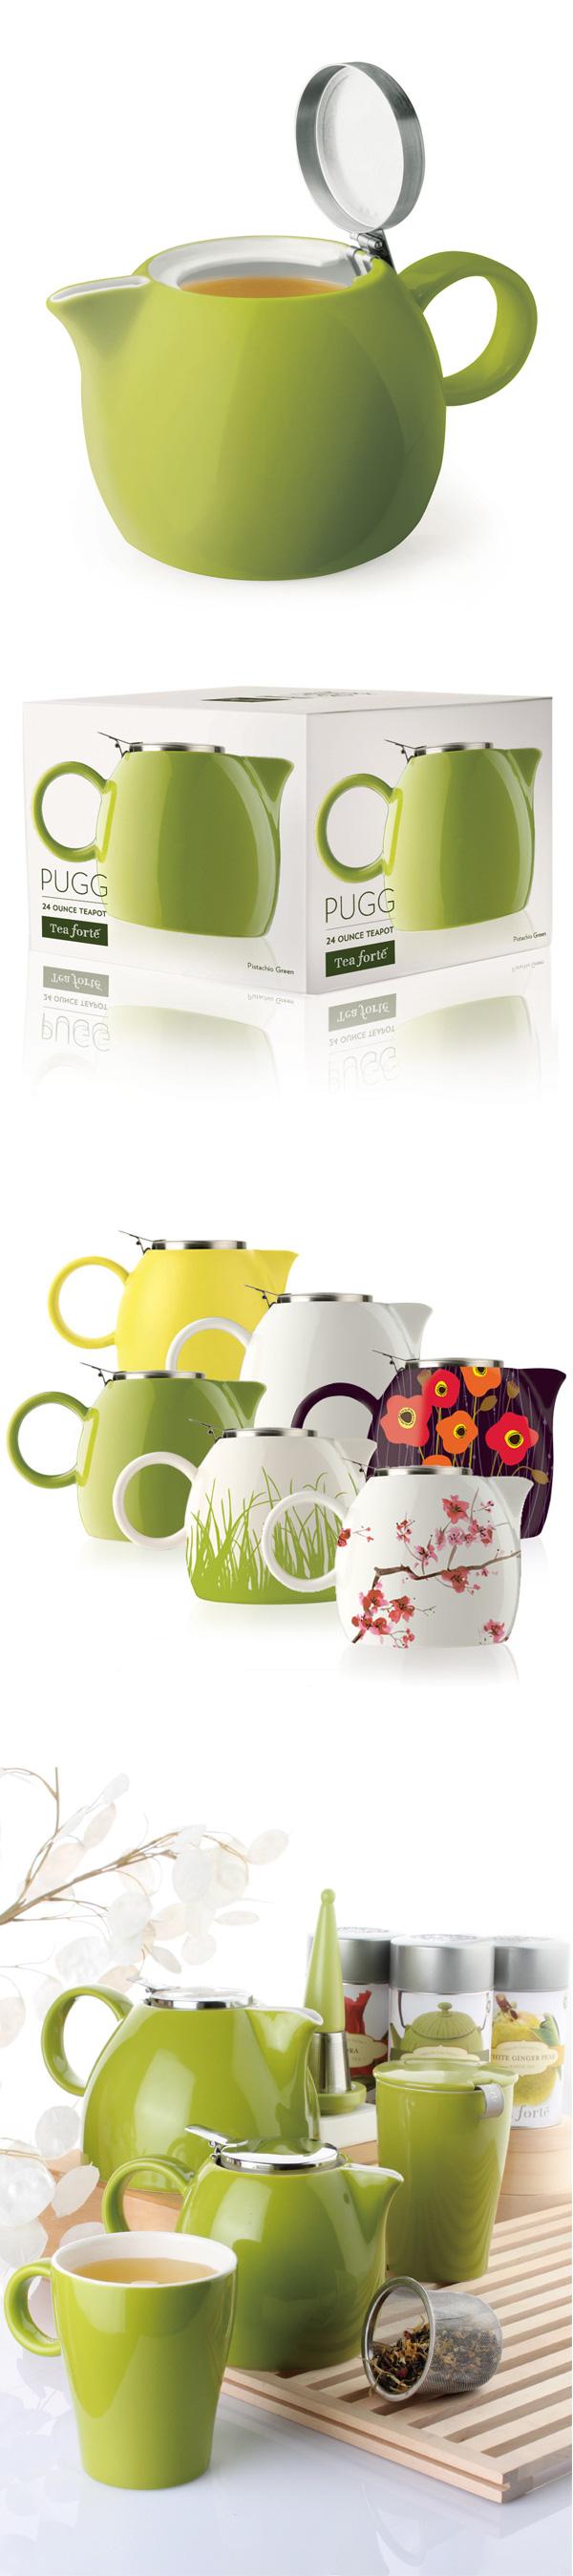 美國 Tea Forte 普格陶瓷茶壺 草綠